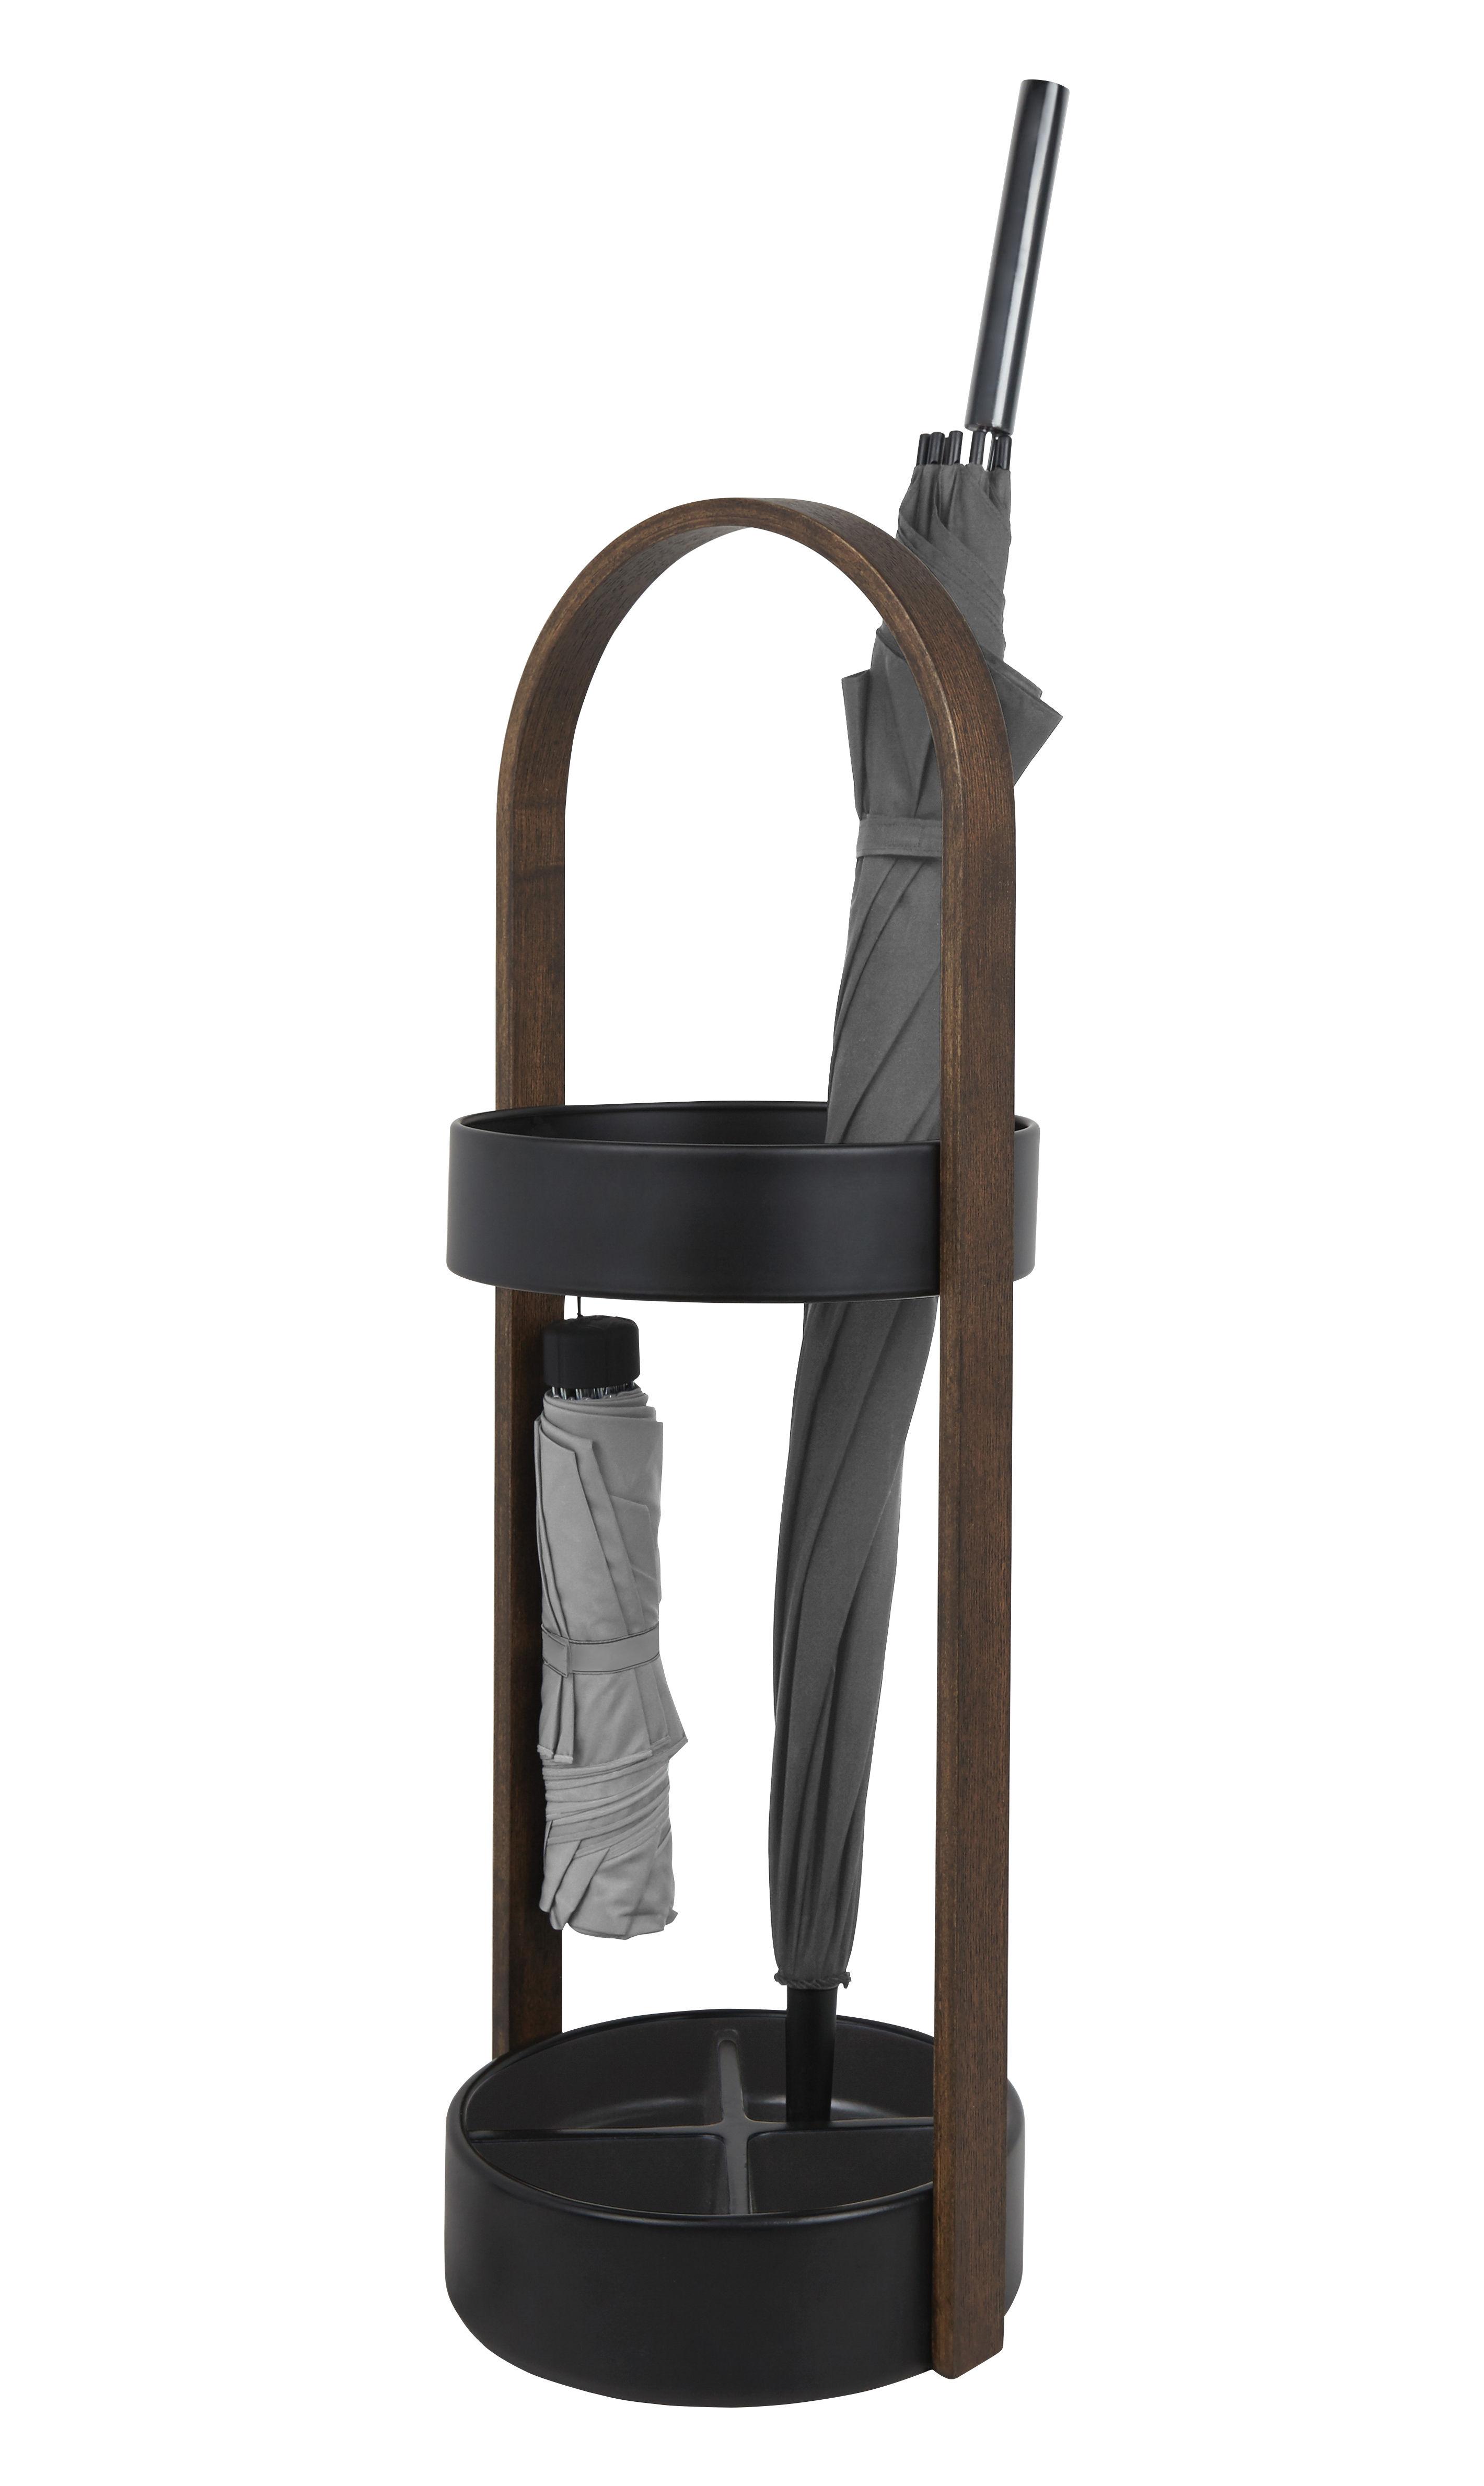 Mobilier - Compléments d'ameublement - Porte-parapluies Hub / Bois & résine - Umbra - Noir / Noyer - Métal peint, Noyer, Résine